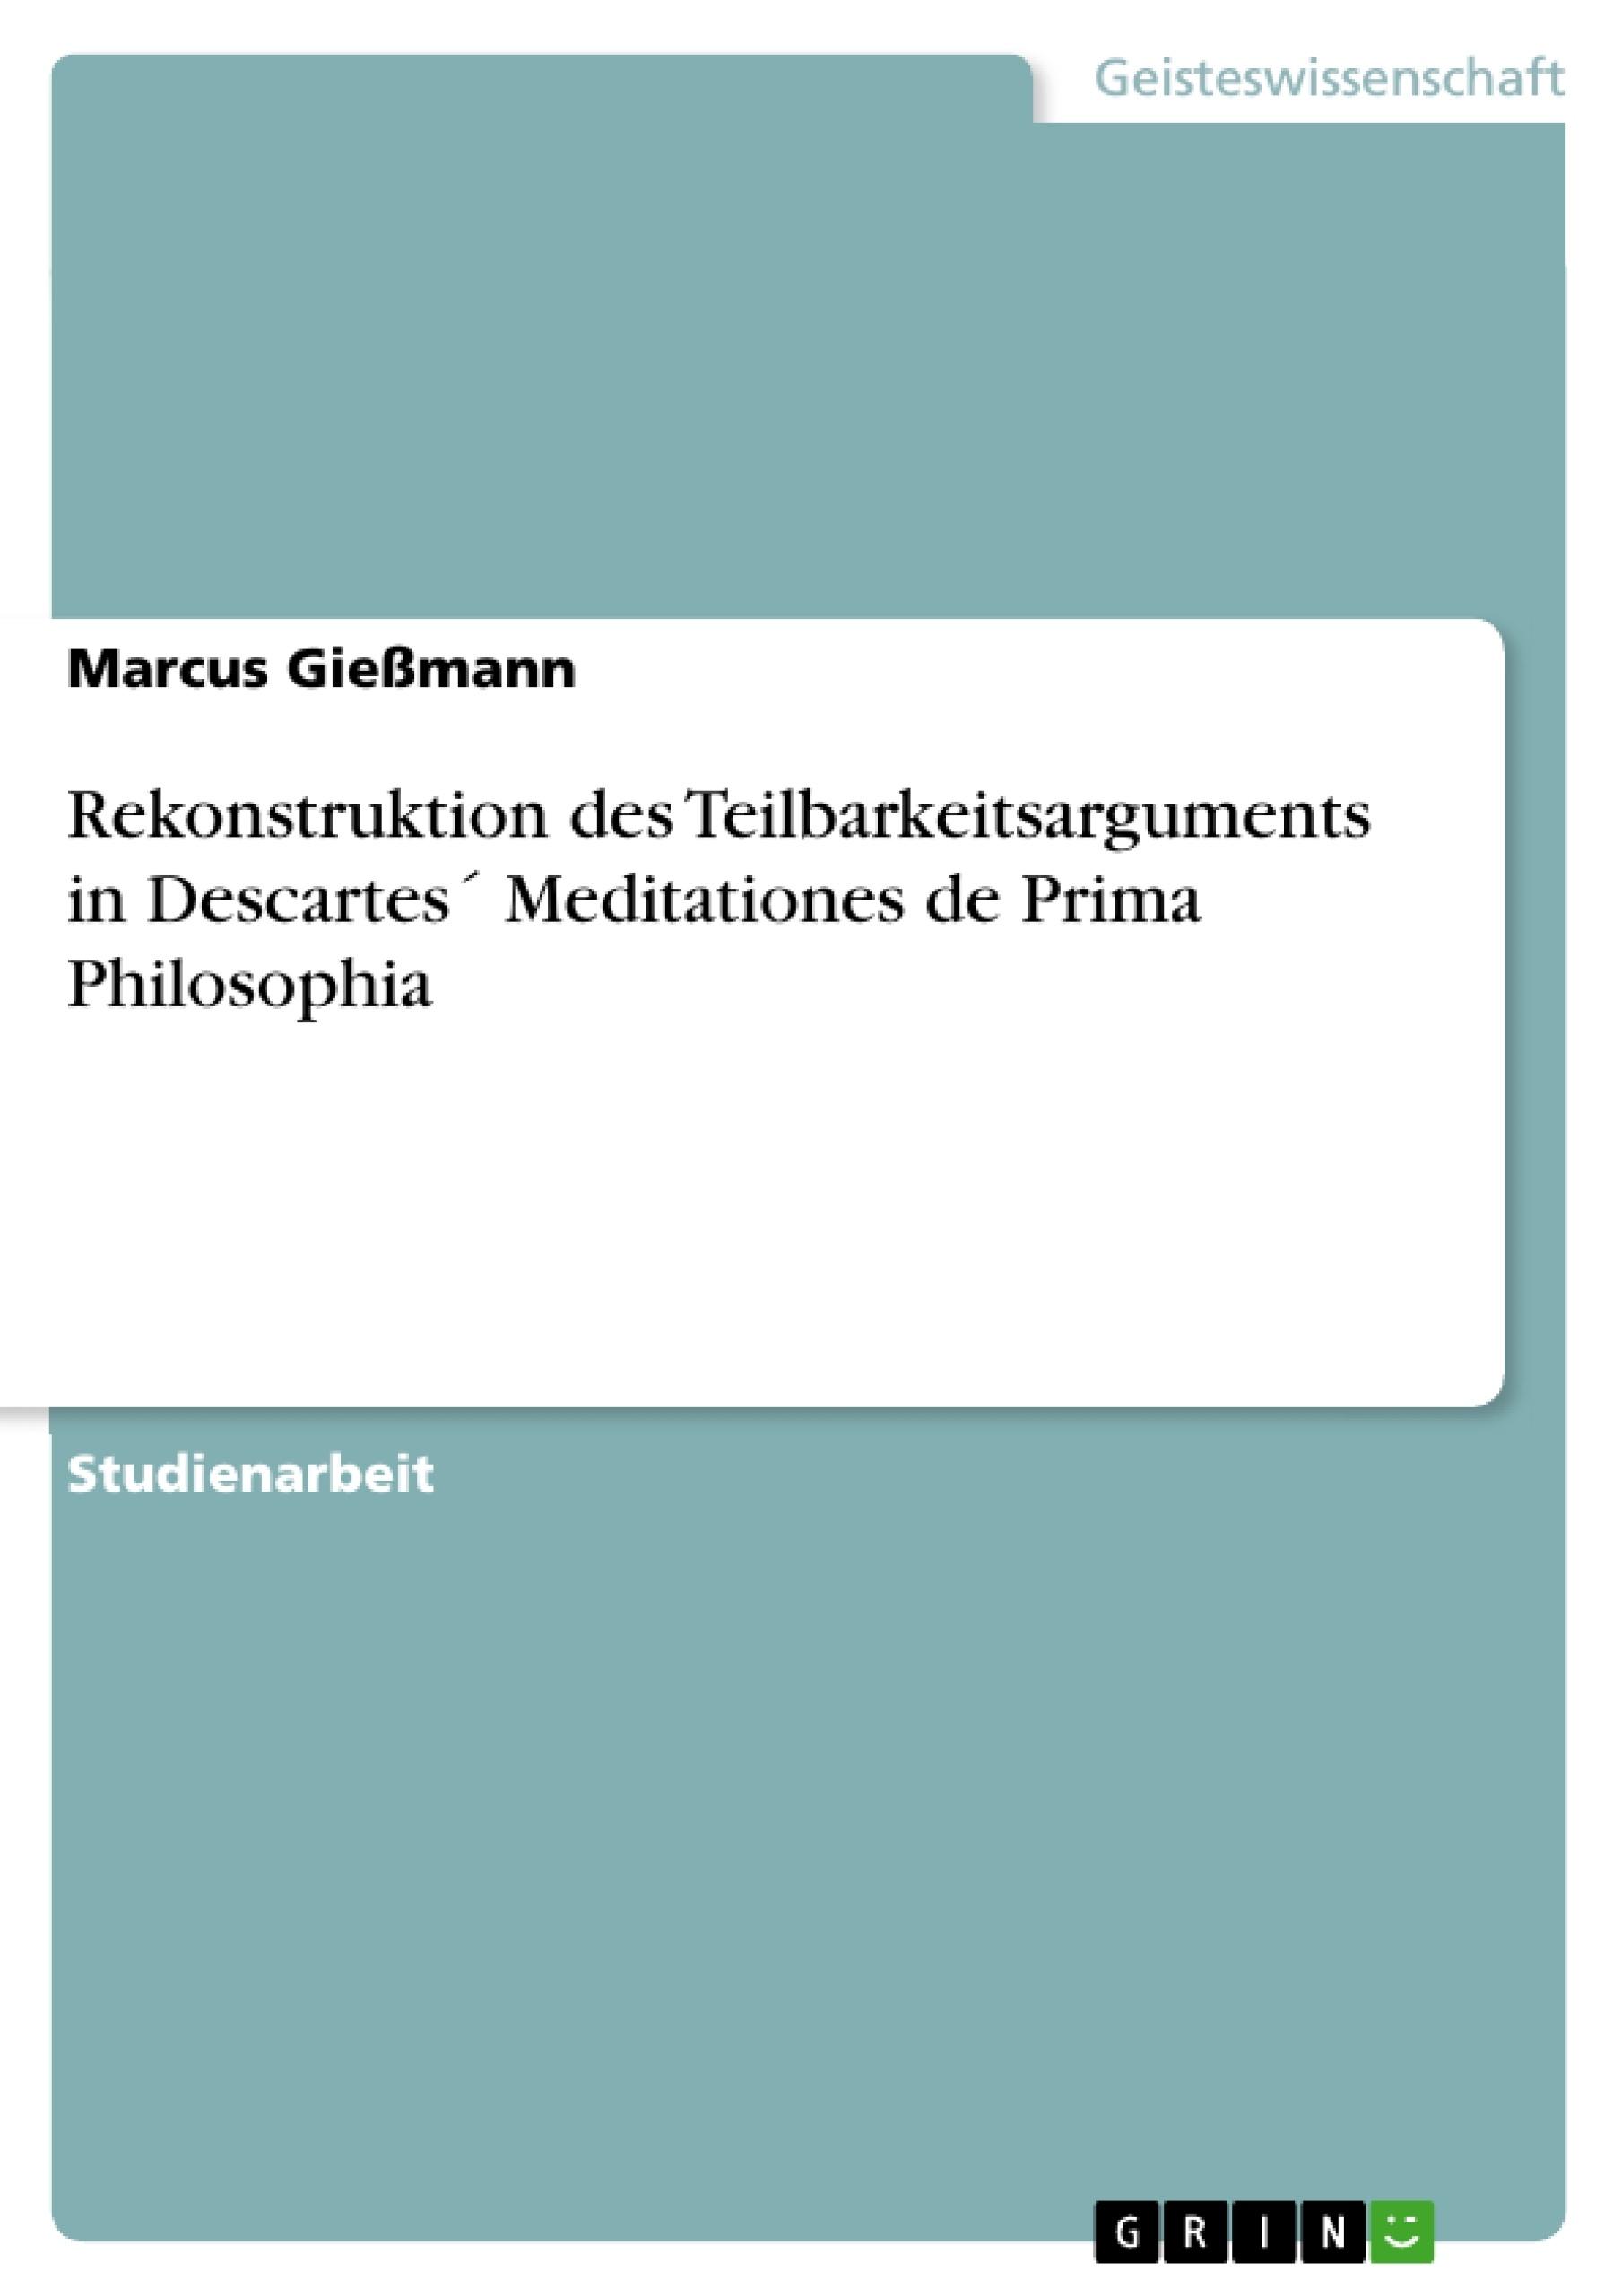 Titel: Rekonstruktion des Teilbarkeitsarguments in Descartes´ Meditationes de Prima Philosophia